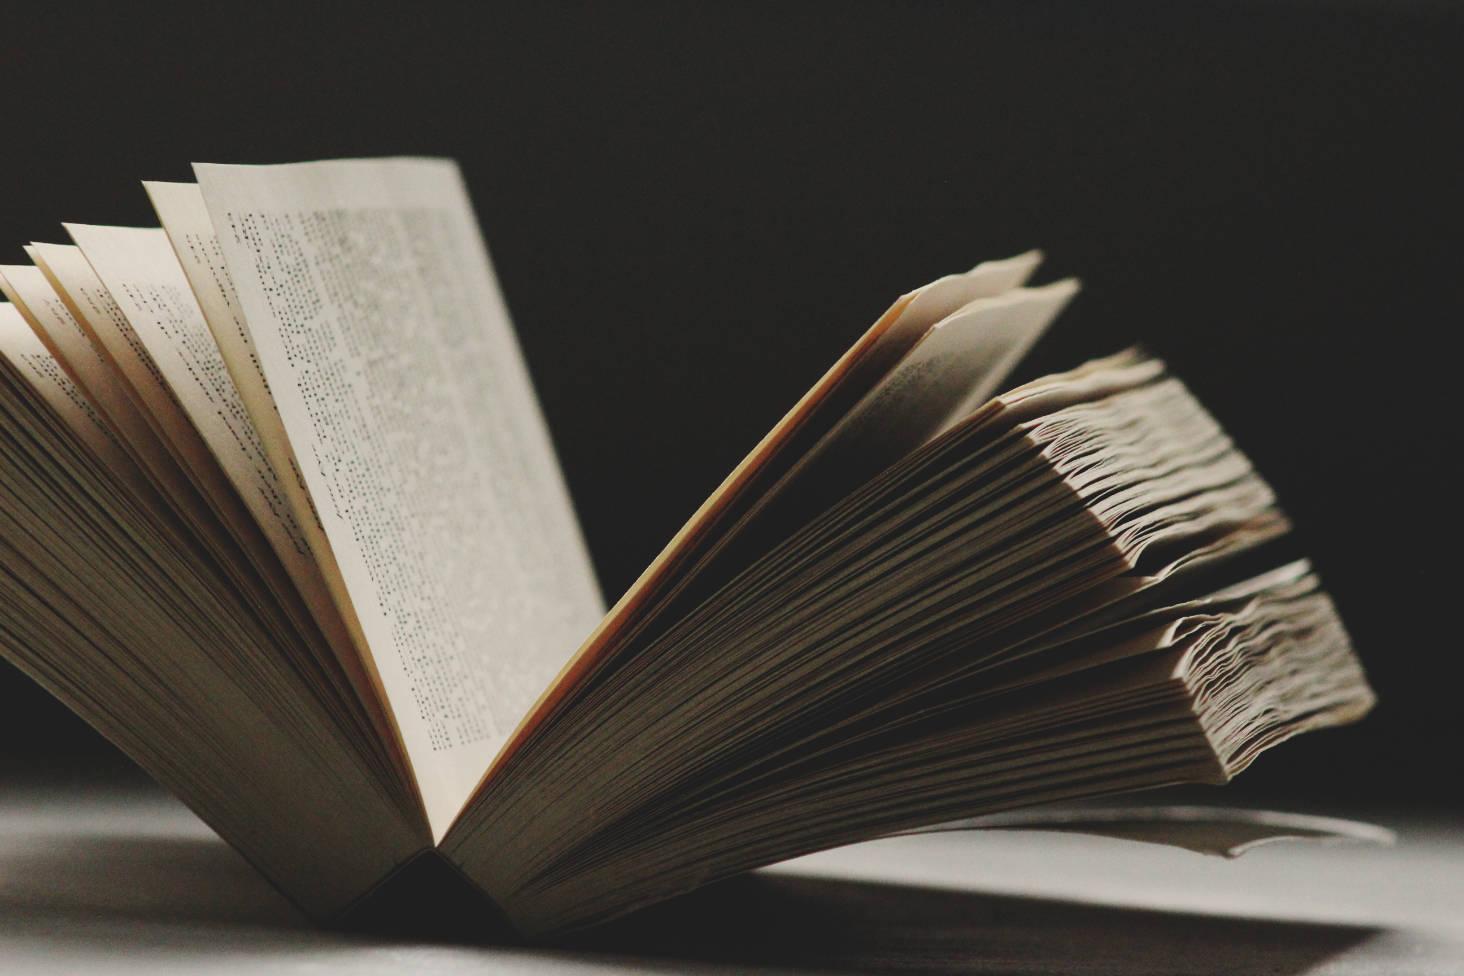 Intervista a un uomo di lettere nella Giornata Mondiale del Libro